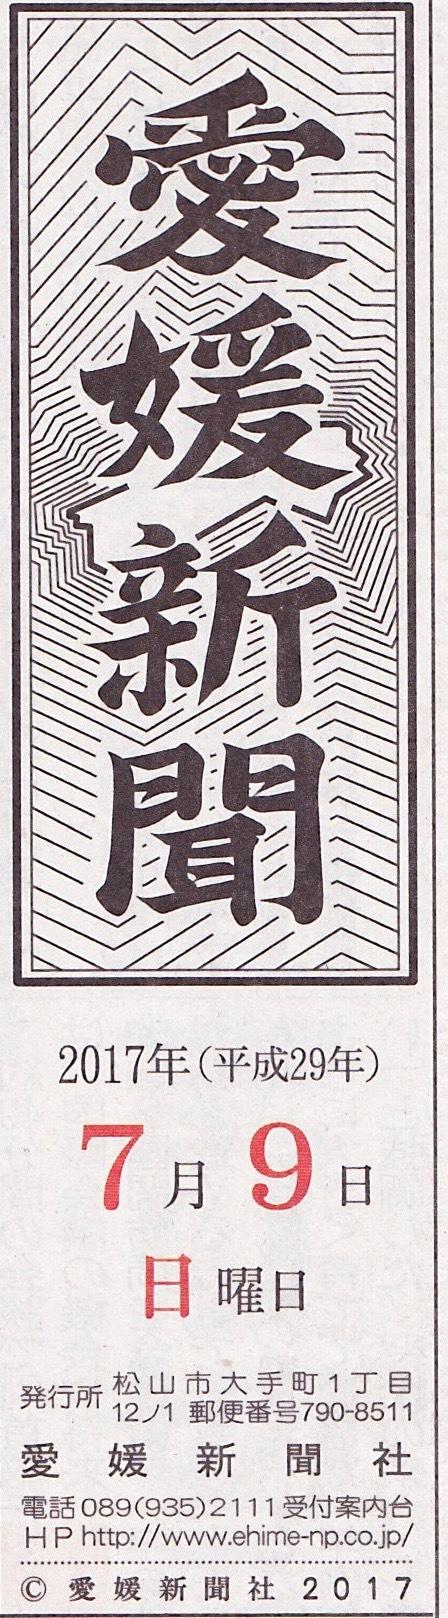 愛媛新聞 7月9日 朝刊_c0101406_20092832.jpg